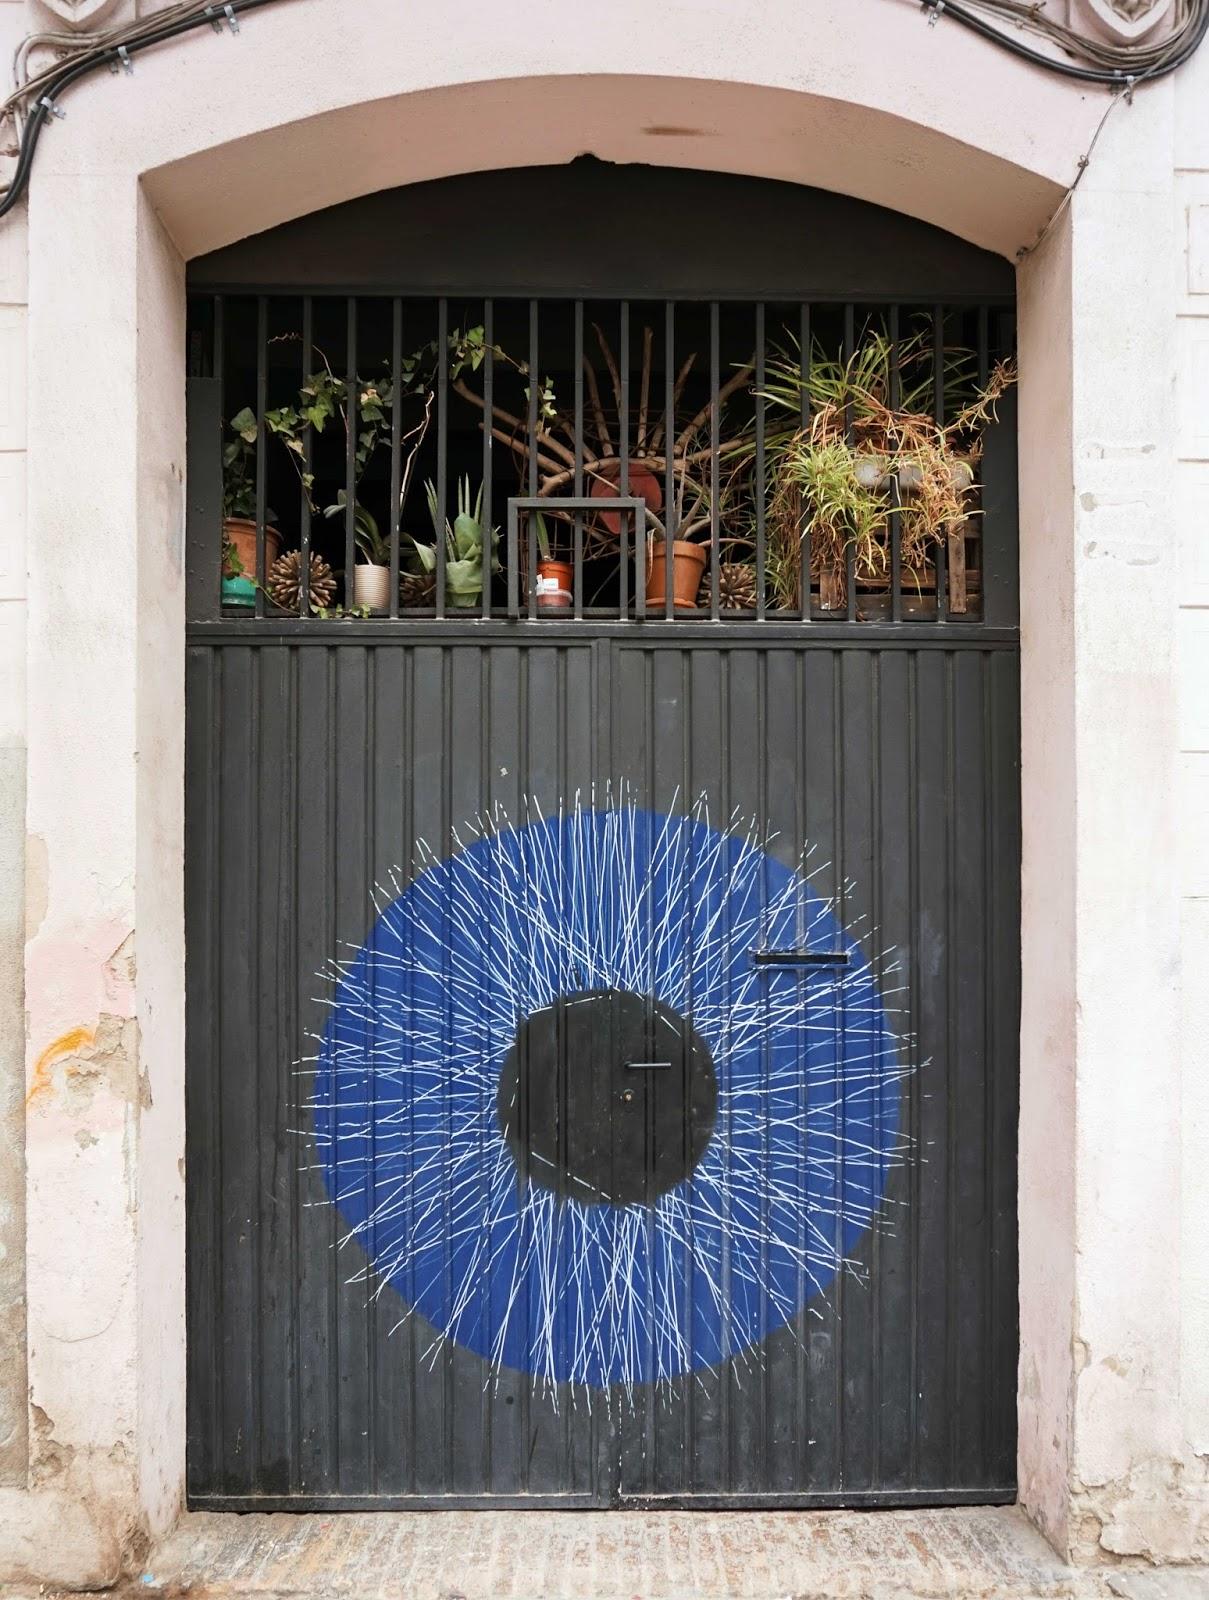 door decoration, the eye of the door